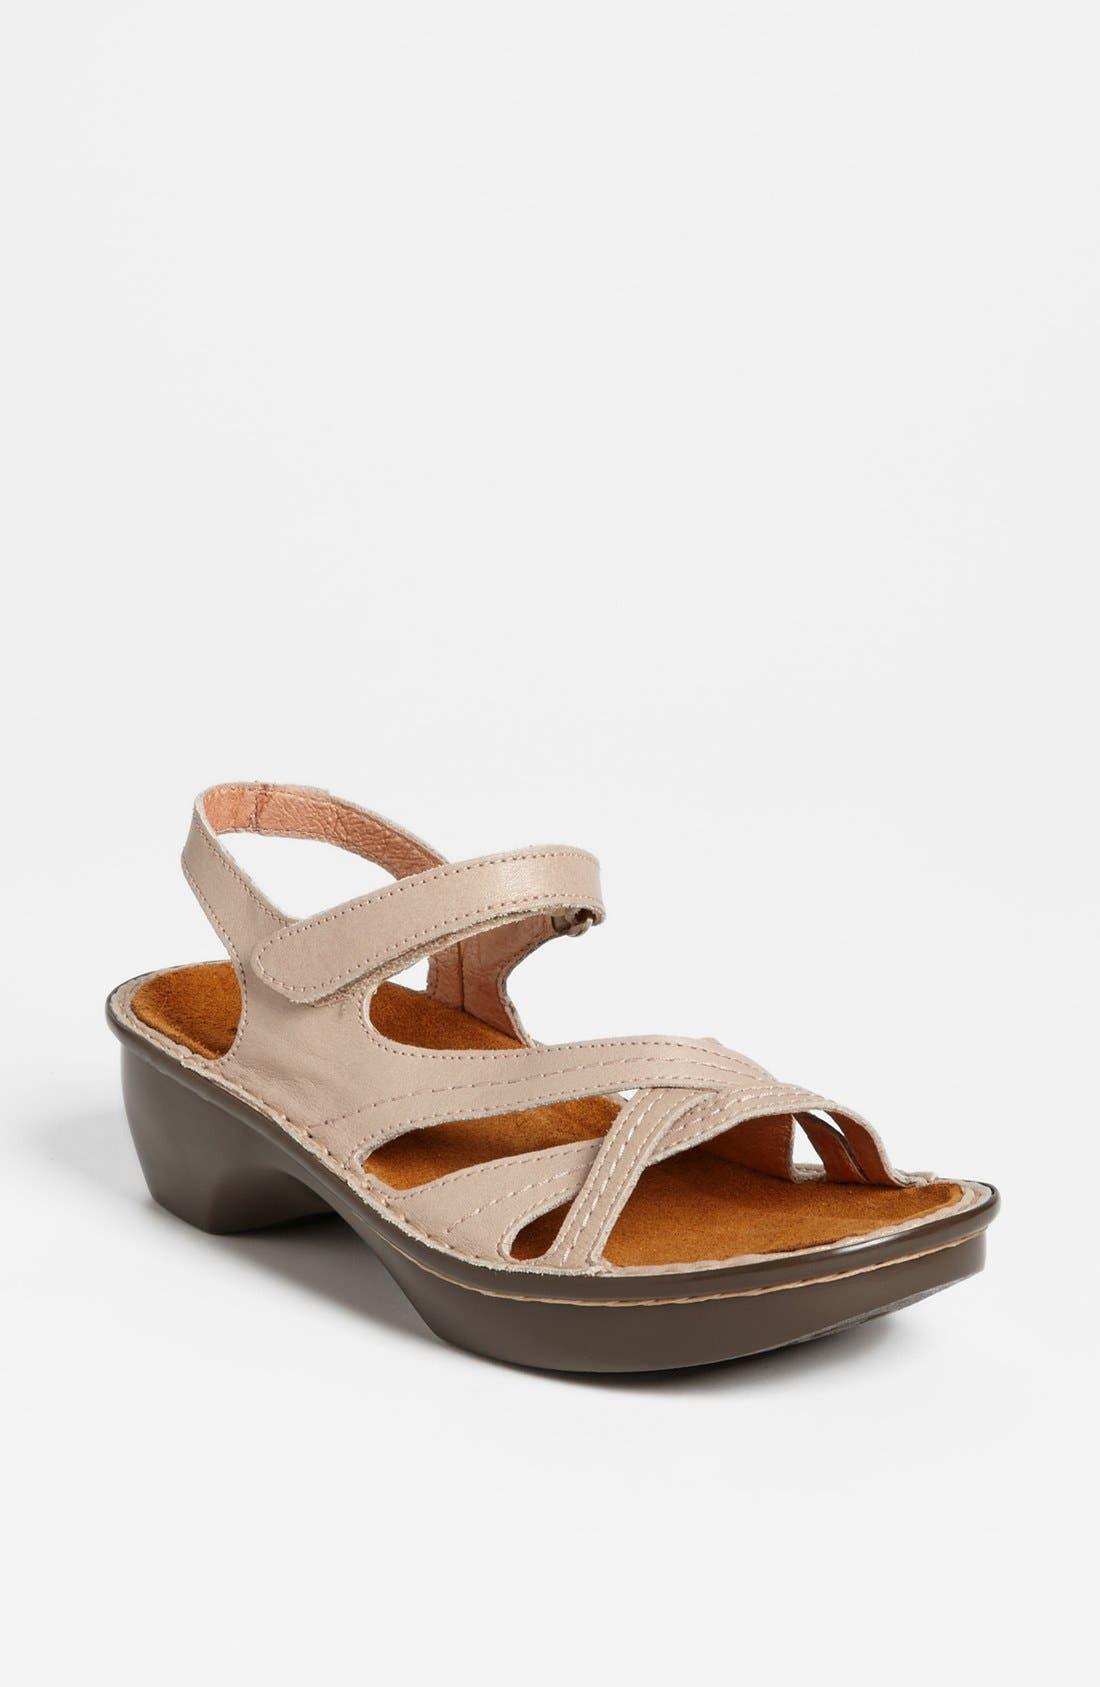 NAOT Paris Sandal